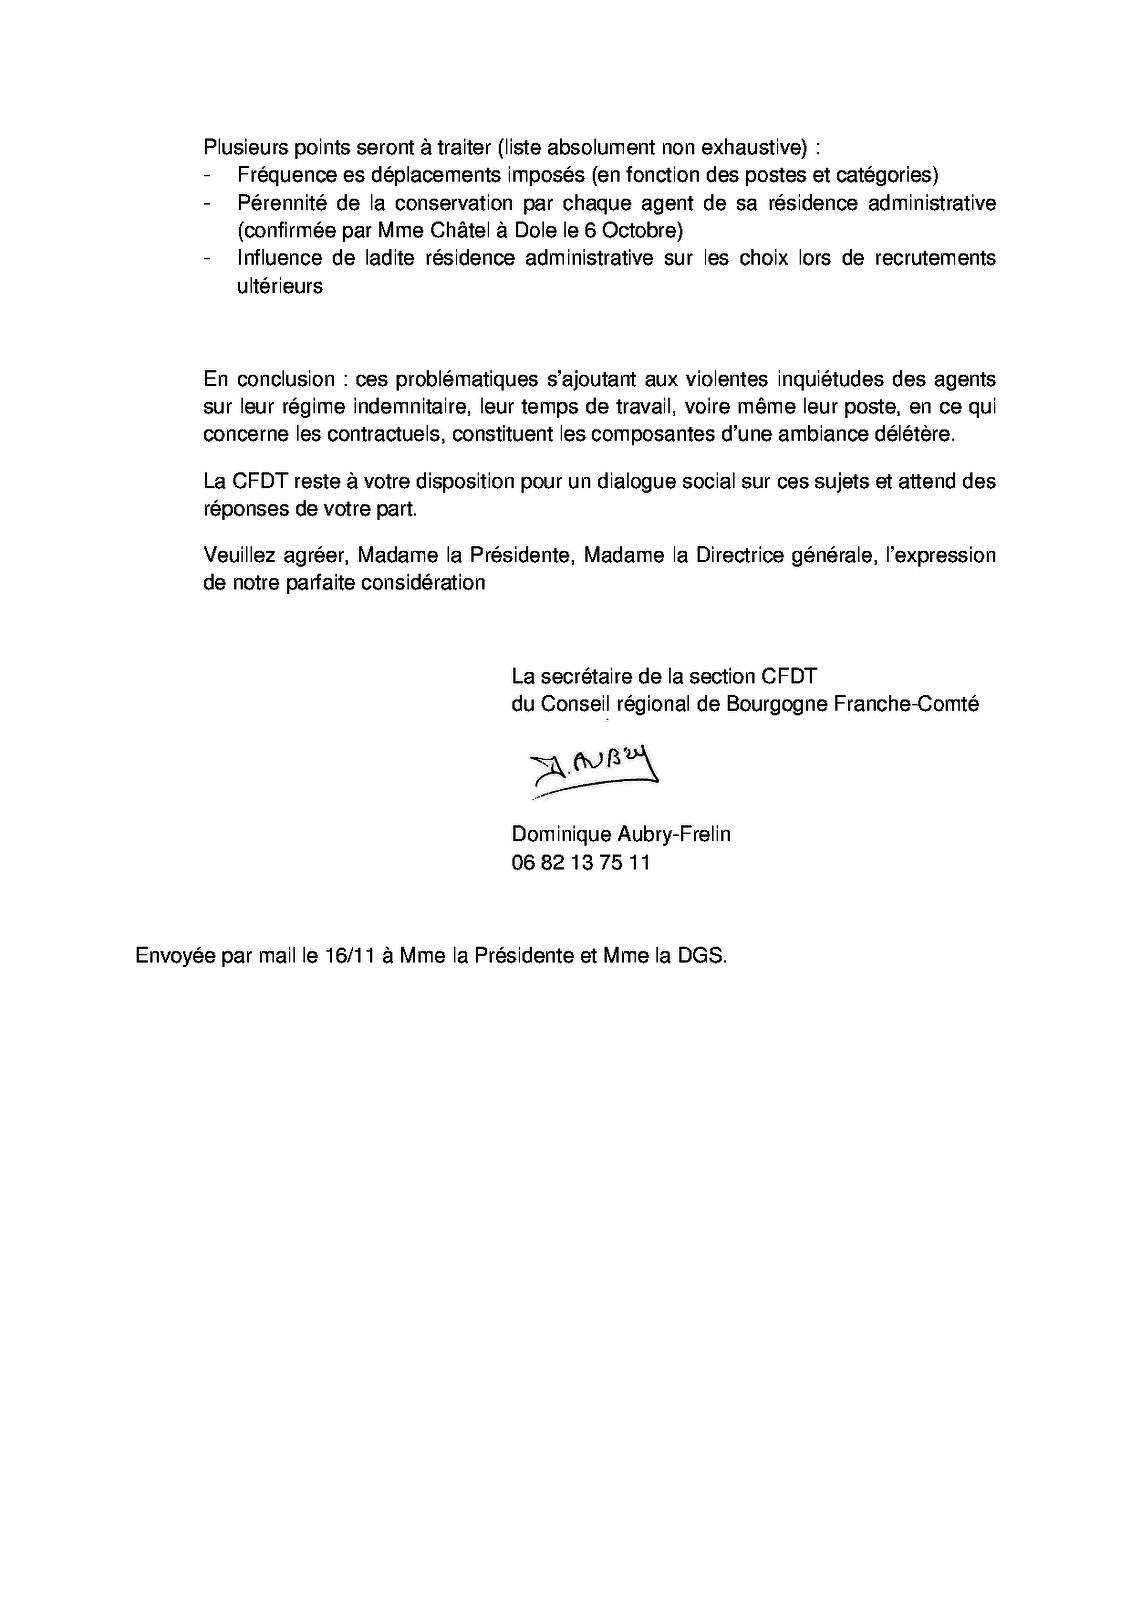 Lettre ouverte : déclaration préalable au CT du 17 novembre 2016